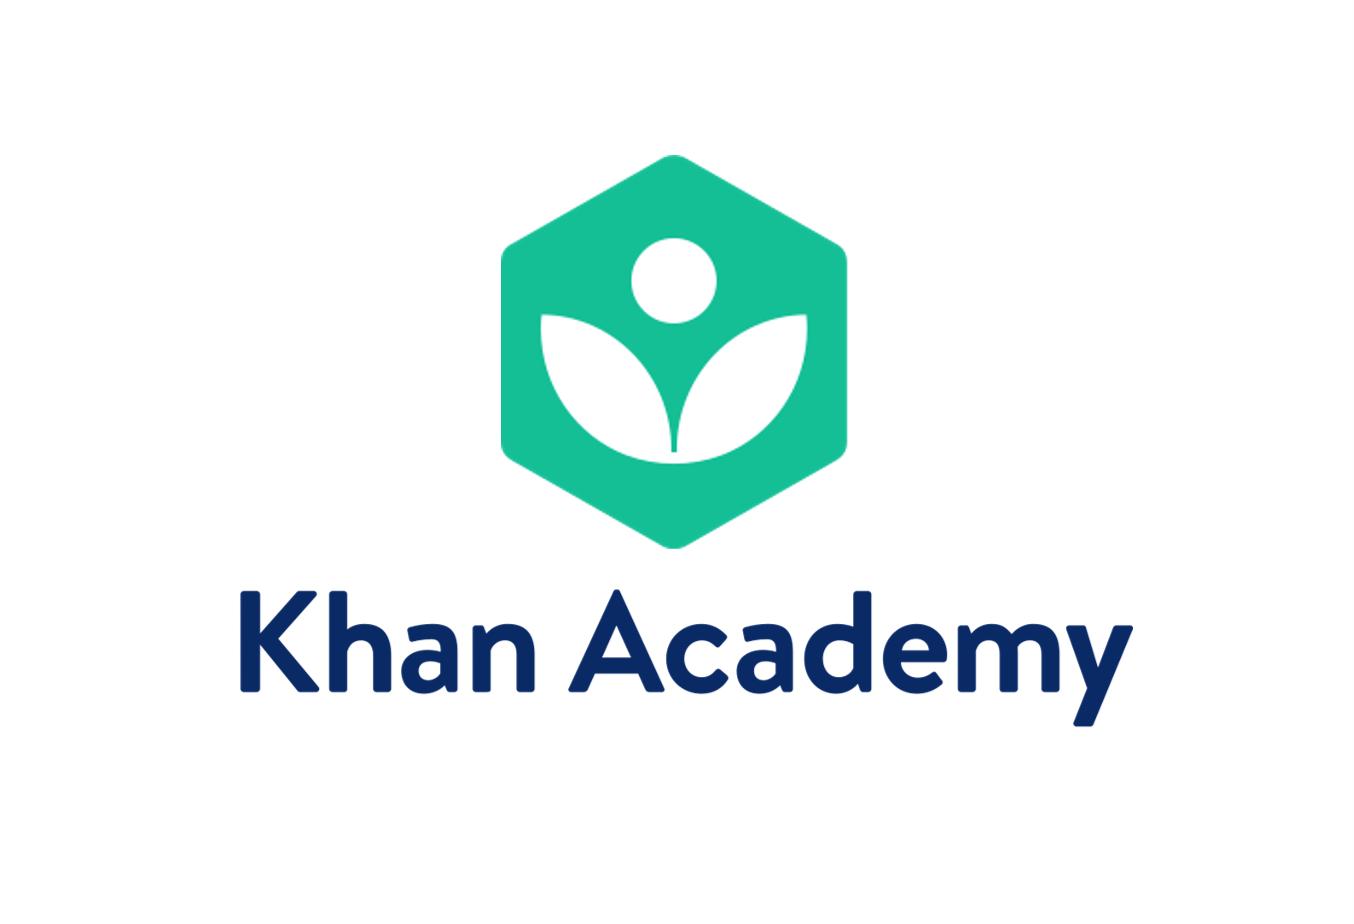 Logo - Khan Academy 2